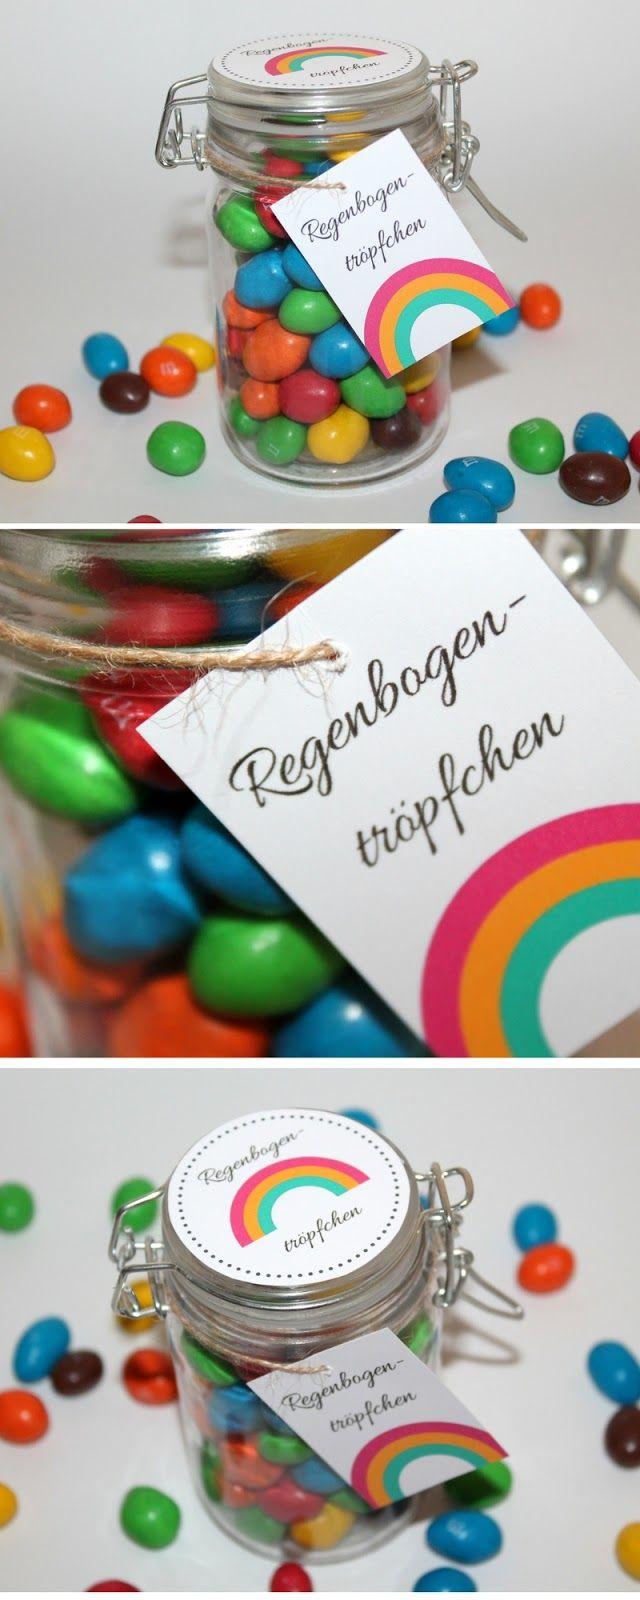 Diy Süßes Geschenk Aus Dem Glas Regenbogentröpfchen Diy Geschenke Geschenkideen Gifts Christmas Und Diy